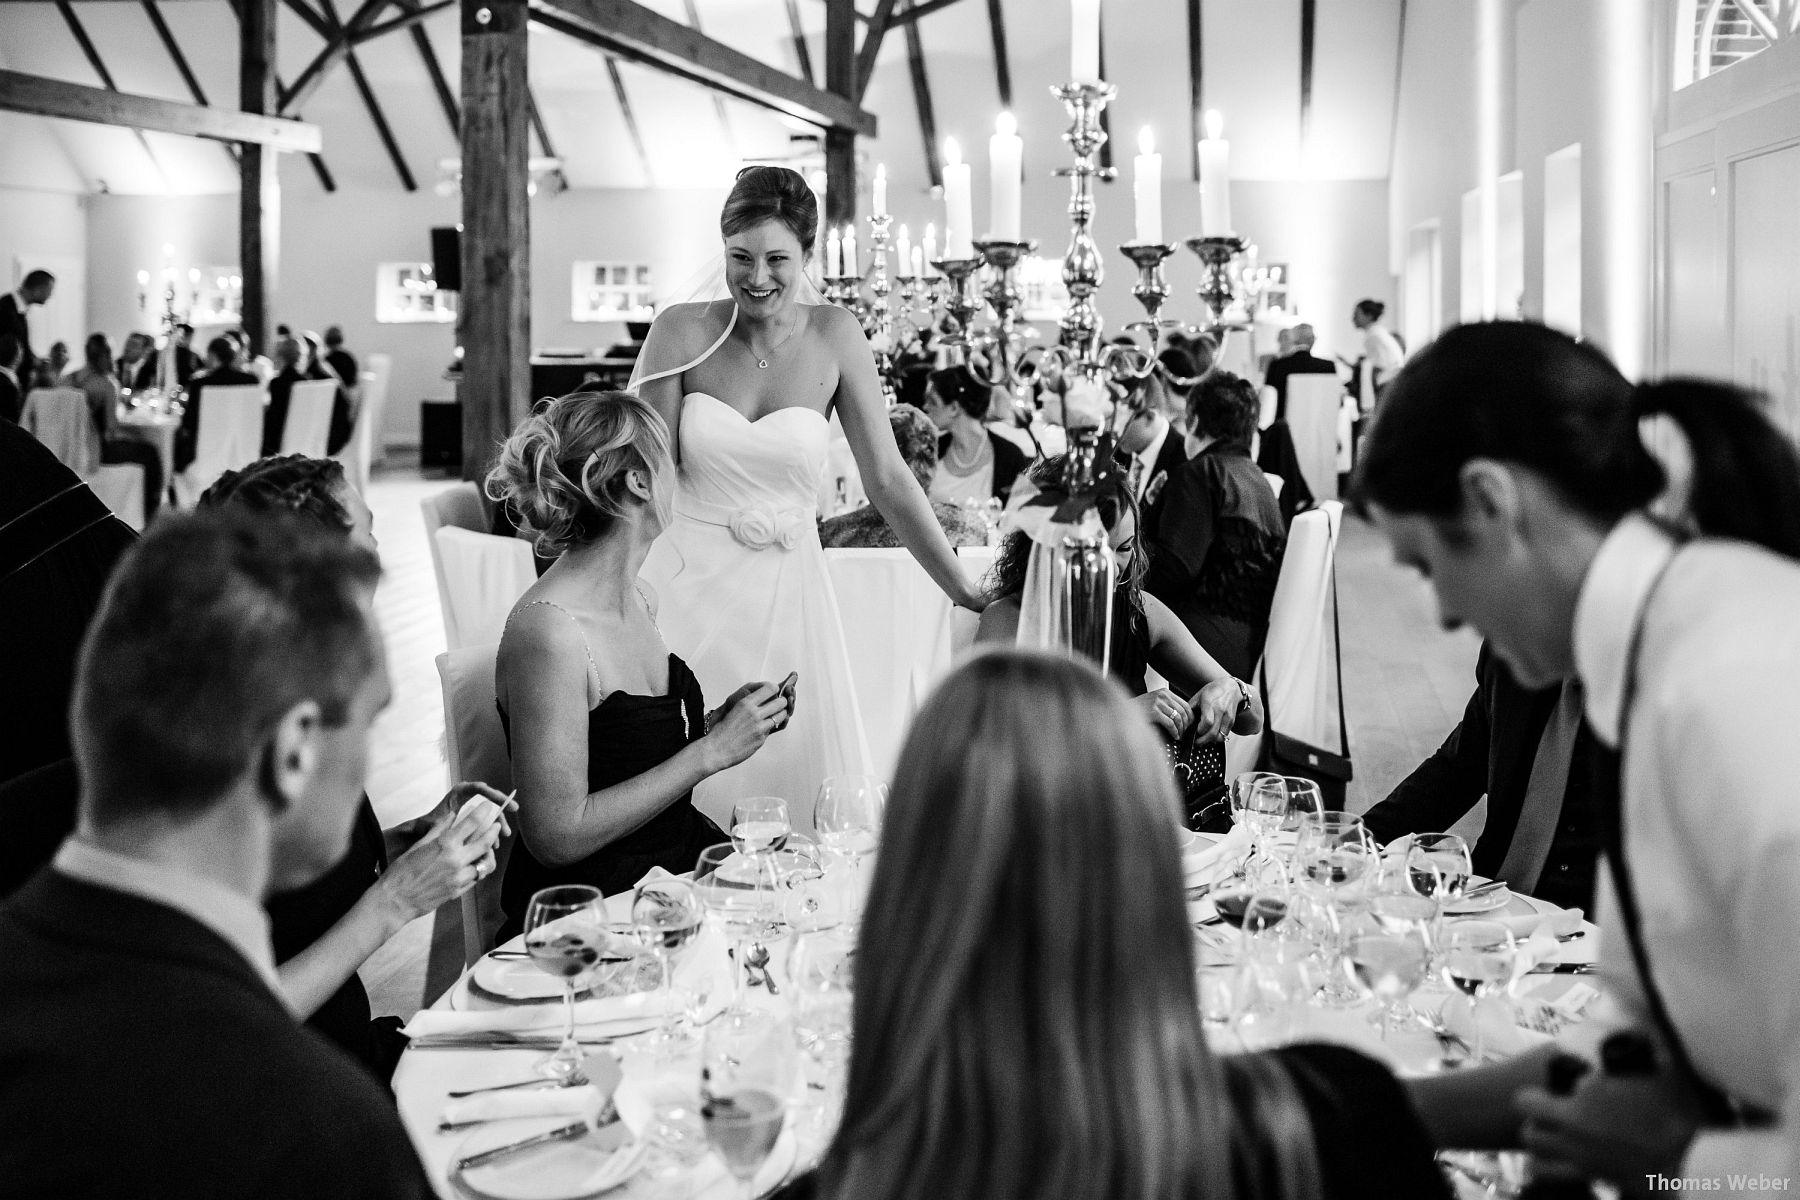 Hochzeitsfotograf Rastede: Kirchliche Trauung in der St. Ulrichs Kirche Rastede und Hochzeitsfeier in der Eventscheune St Georg Rastede mit dem Catering von Split Food (Michael Niebuhr) aus Oldenburg (48)